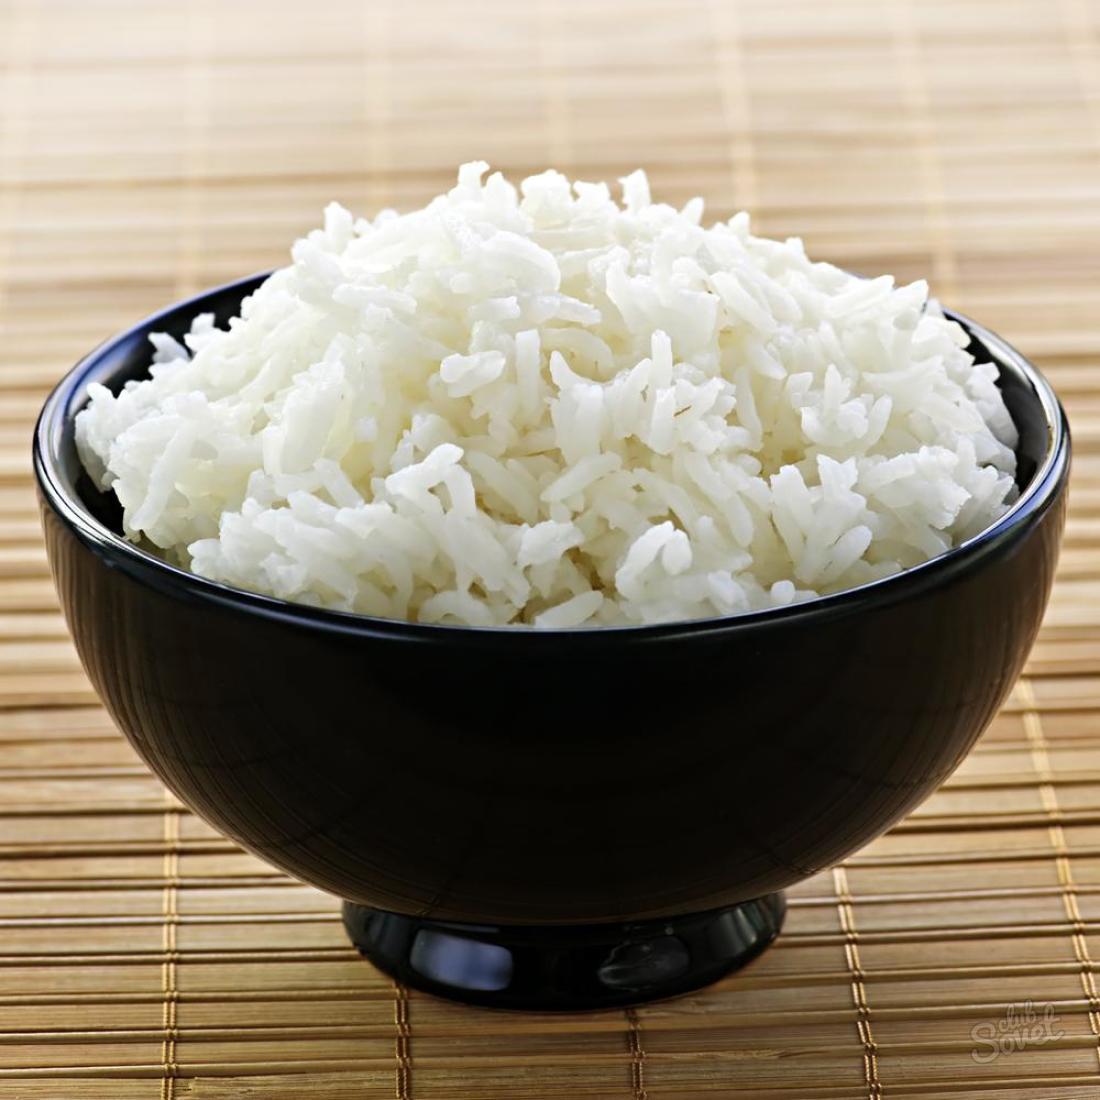 как сварить рис чтобы он был рассыпчатым в кастрюле